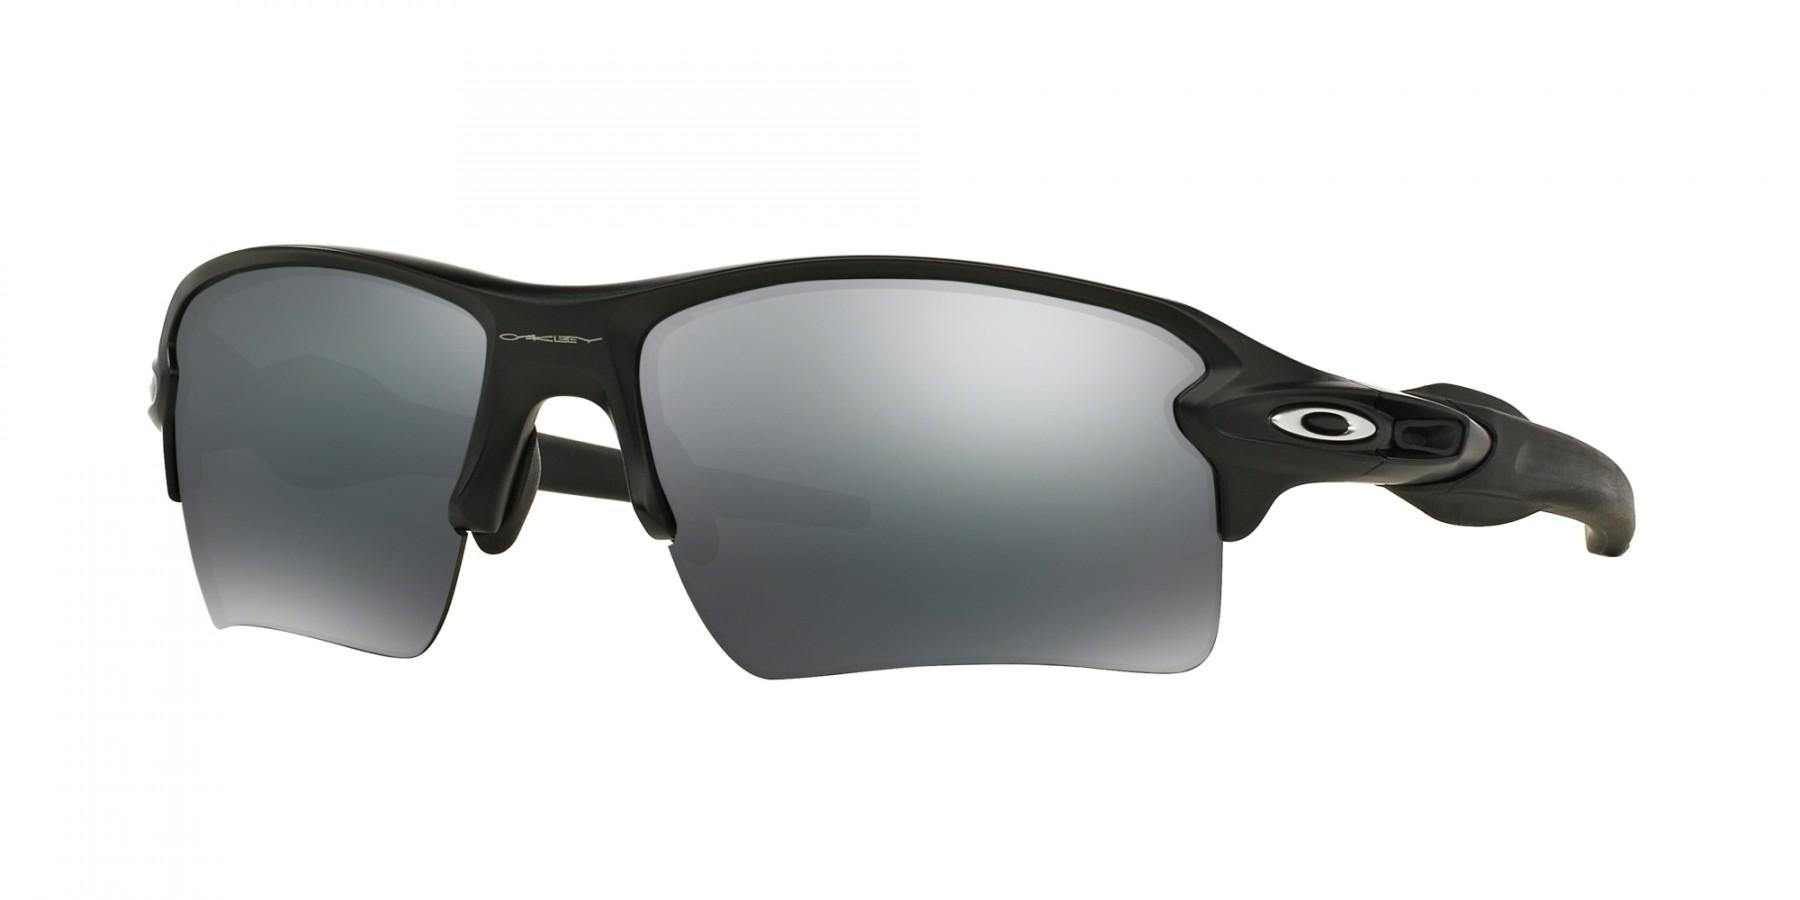 7410a65f5e +. -. ↺. Oakley flak 2.0 XL prescription sunglasses